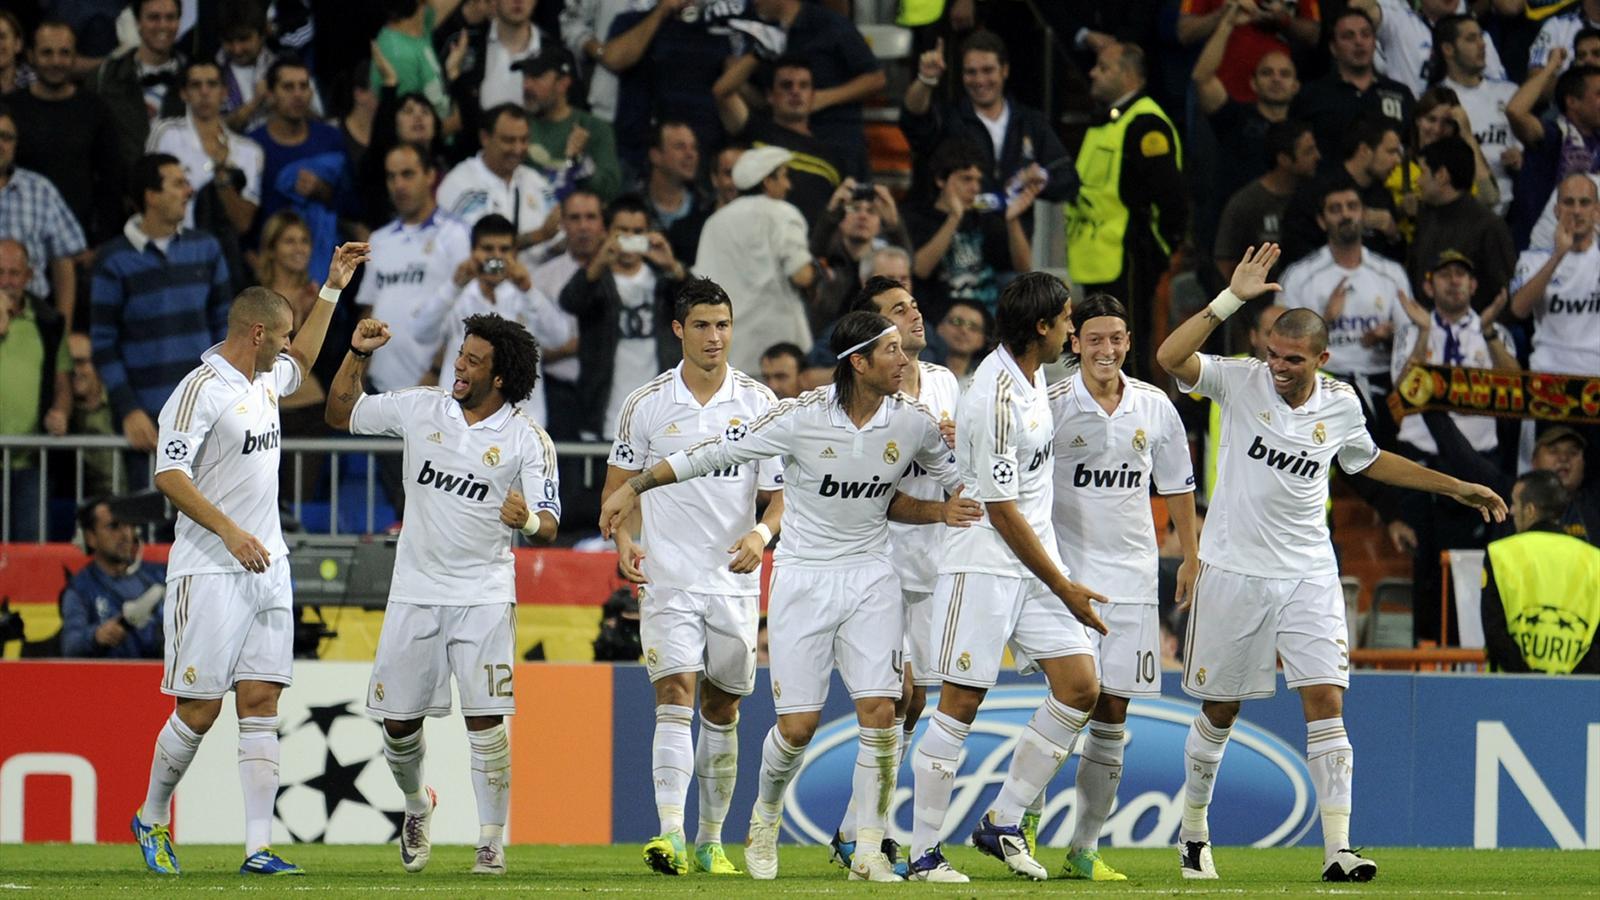 La victoire du Real Madrid face à l'OL (4-0) saison 2011 - 2012